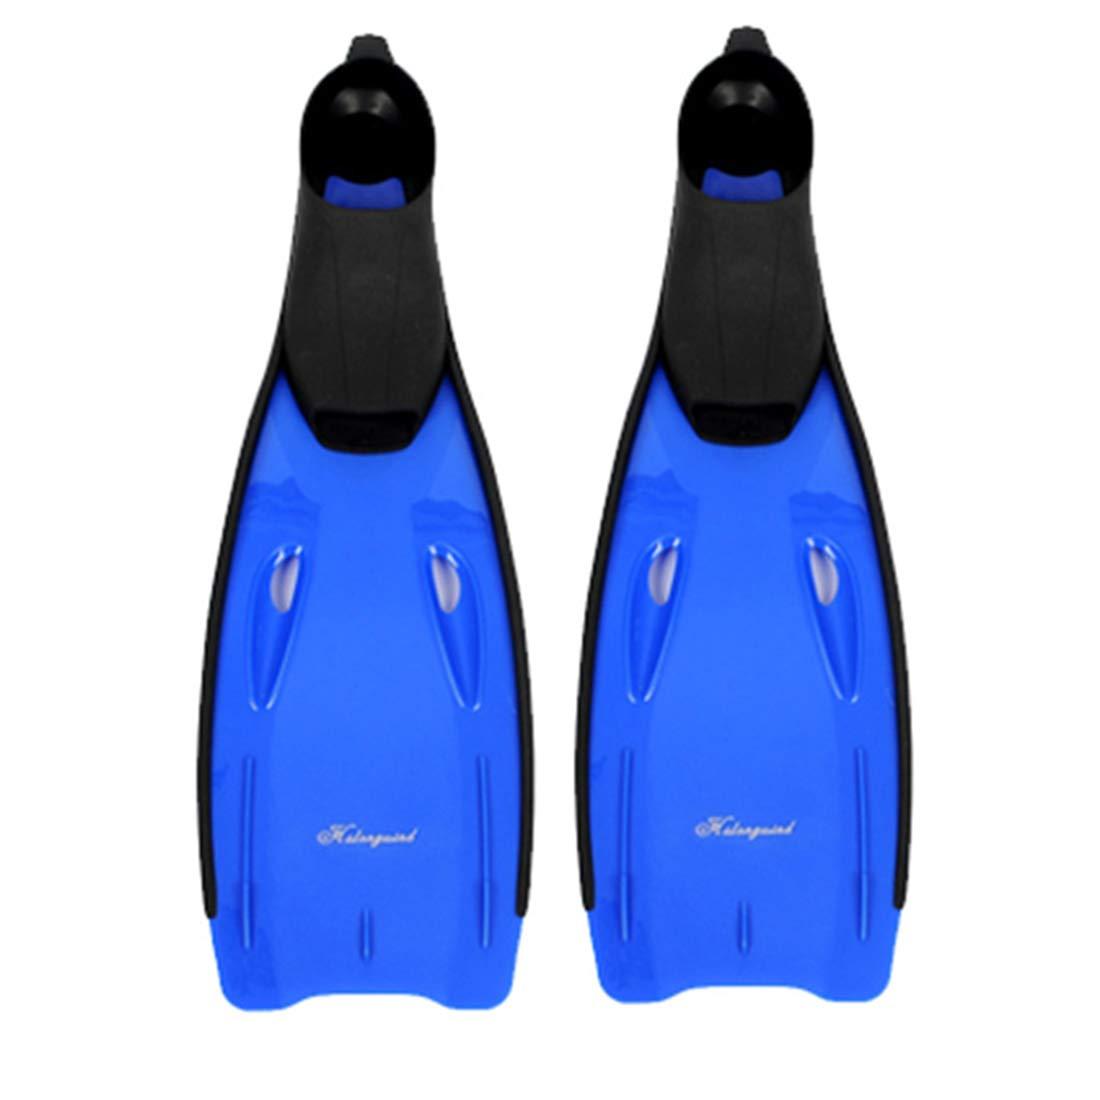 Goen Burake 水泳のシュノーケリングのための大人の軽量のフルフットの水泳用フィンのダイビングのひれ (サイズ : 33) B07QDXX62G  30 30